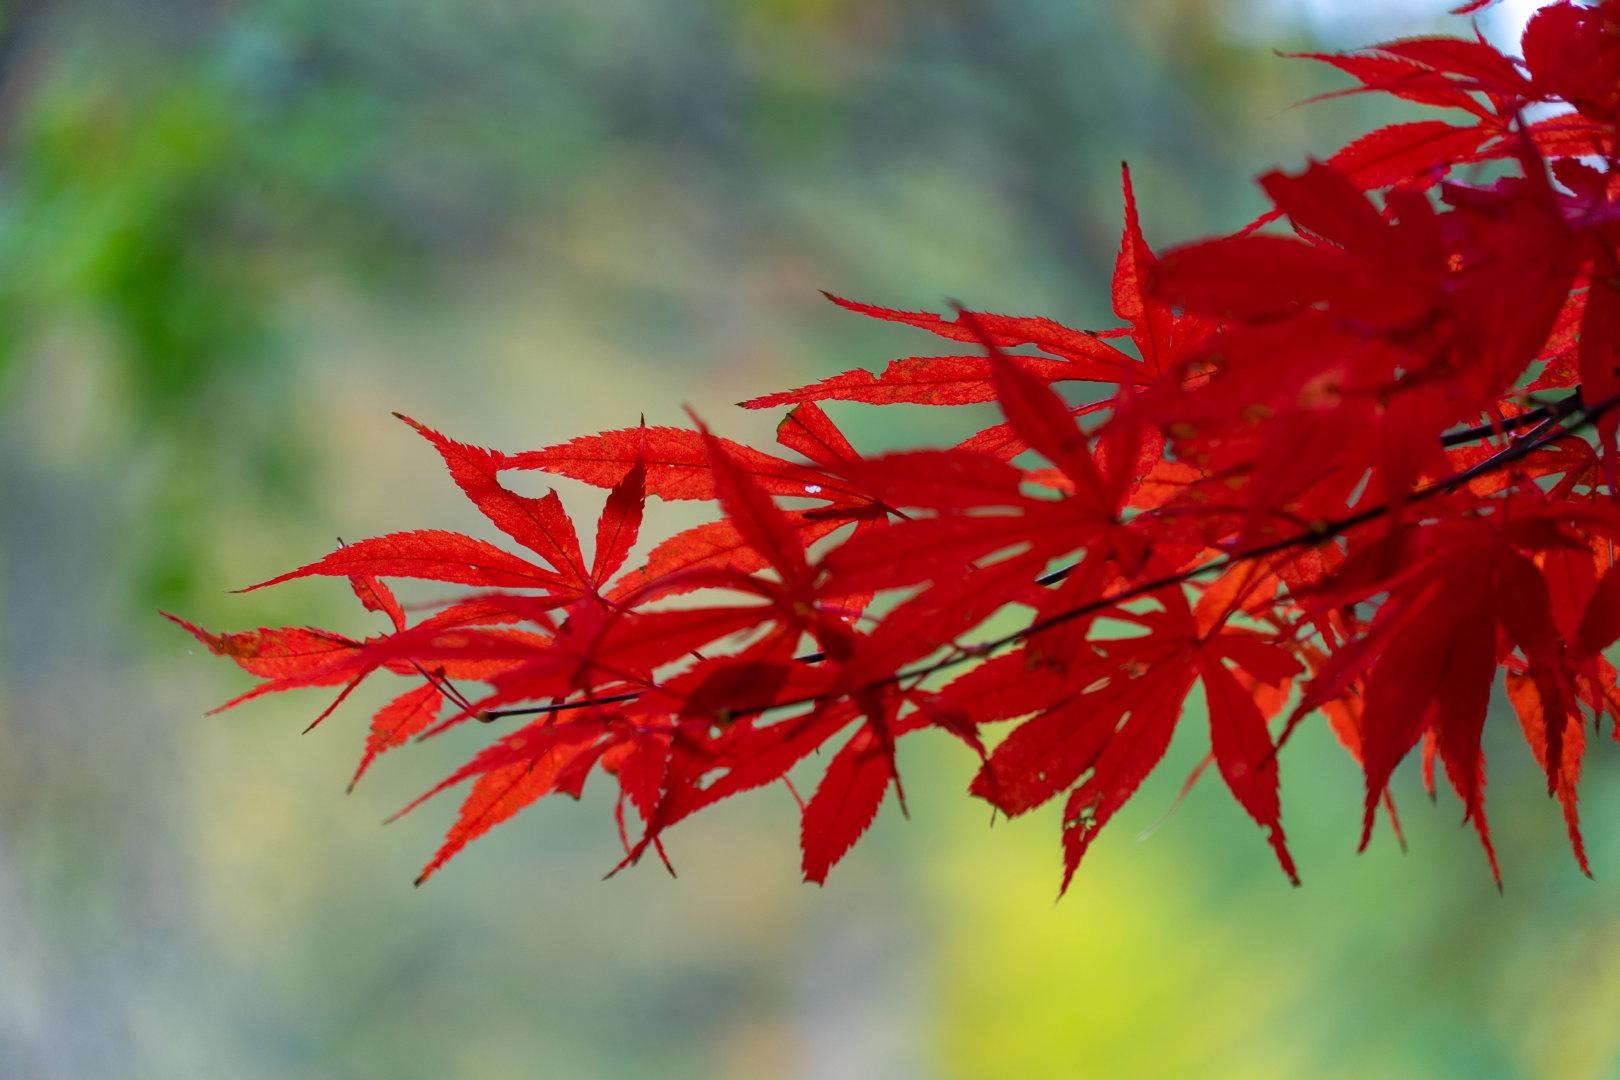 深秋时节红叶烂漫,像一簇簇展开笑脸的杜鹃花